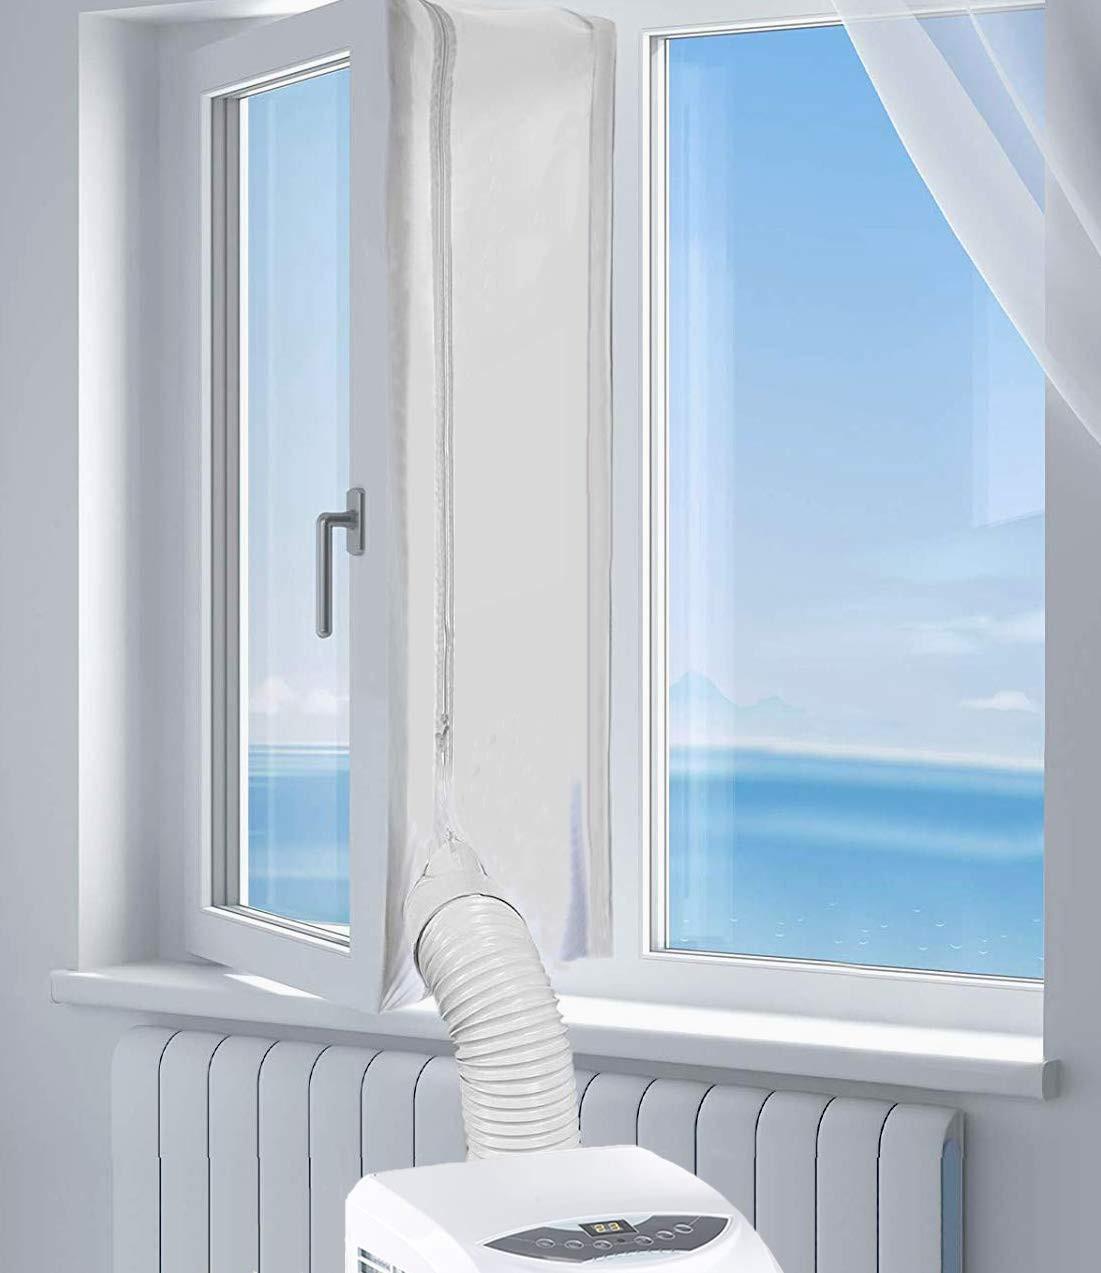 Zbliżenie na uszczelkę do klimatyzatora zamontowaną na oknie